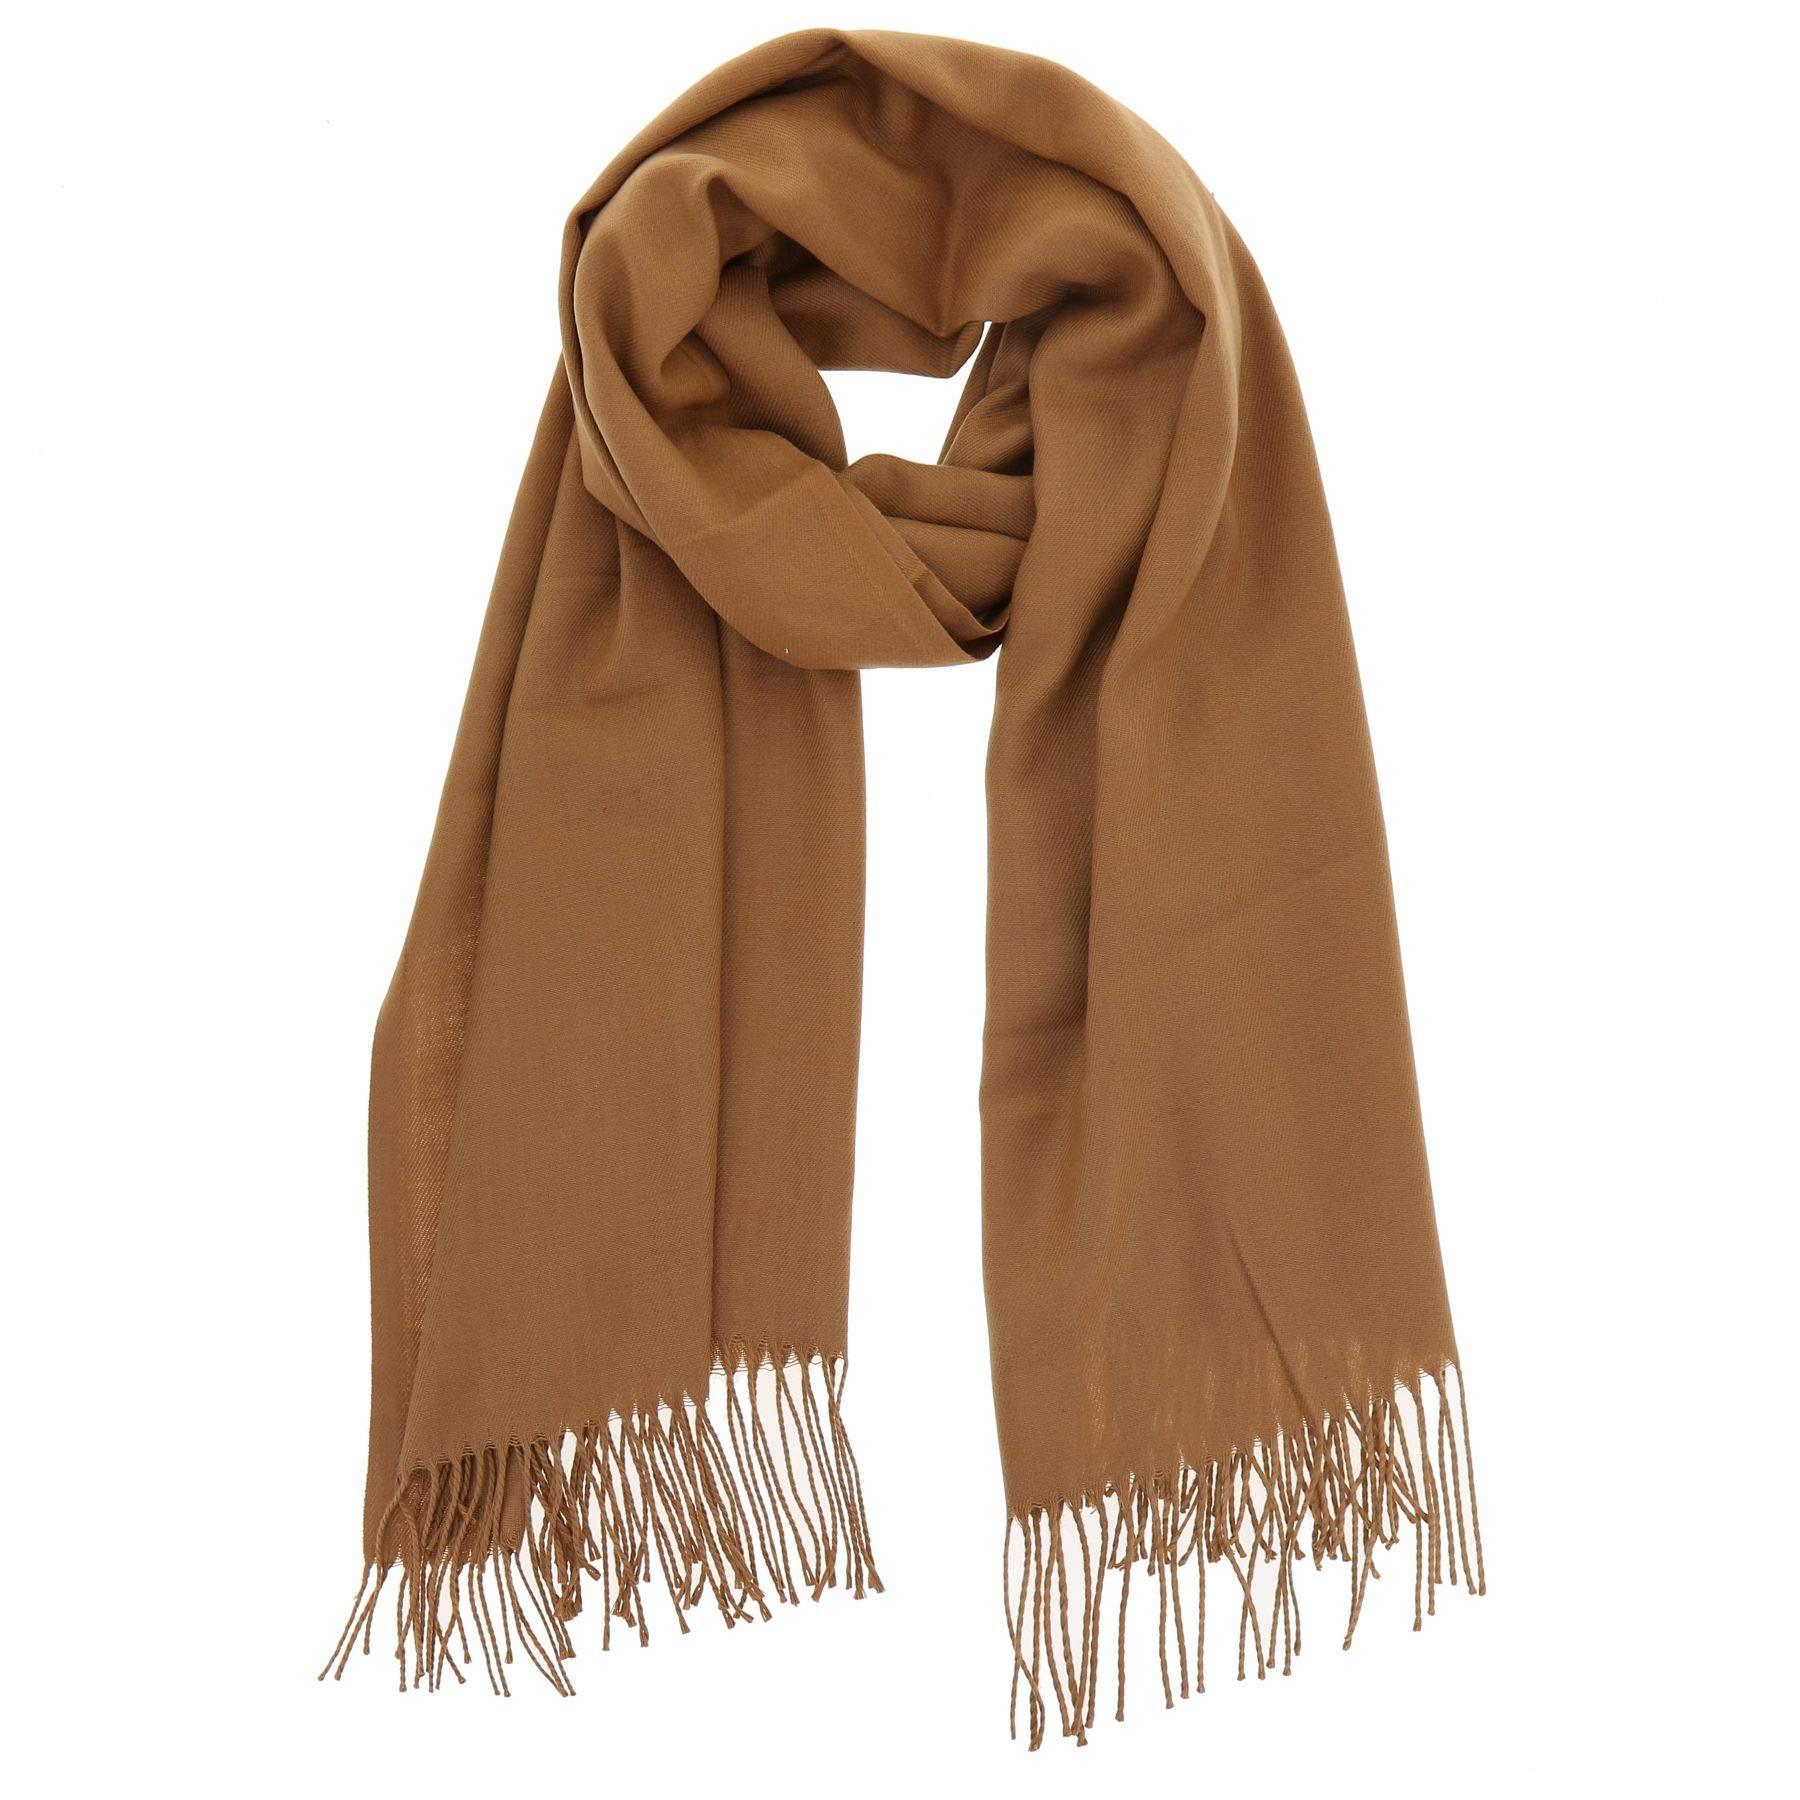 38165da68d6 FASHIONGEN - Echarpe pashmina homme et femme douce en laine